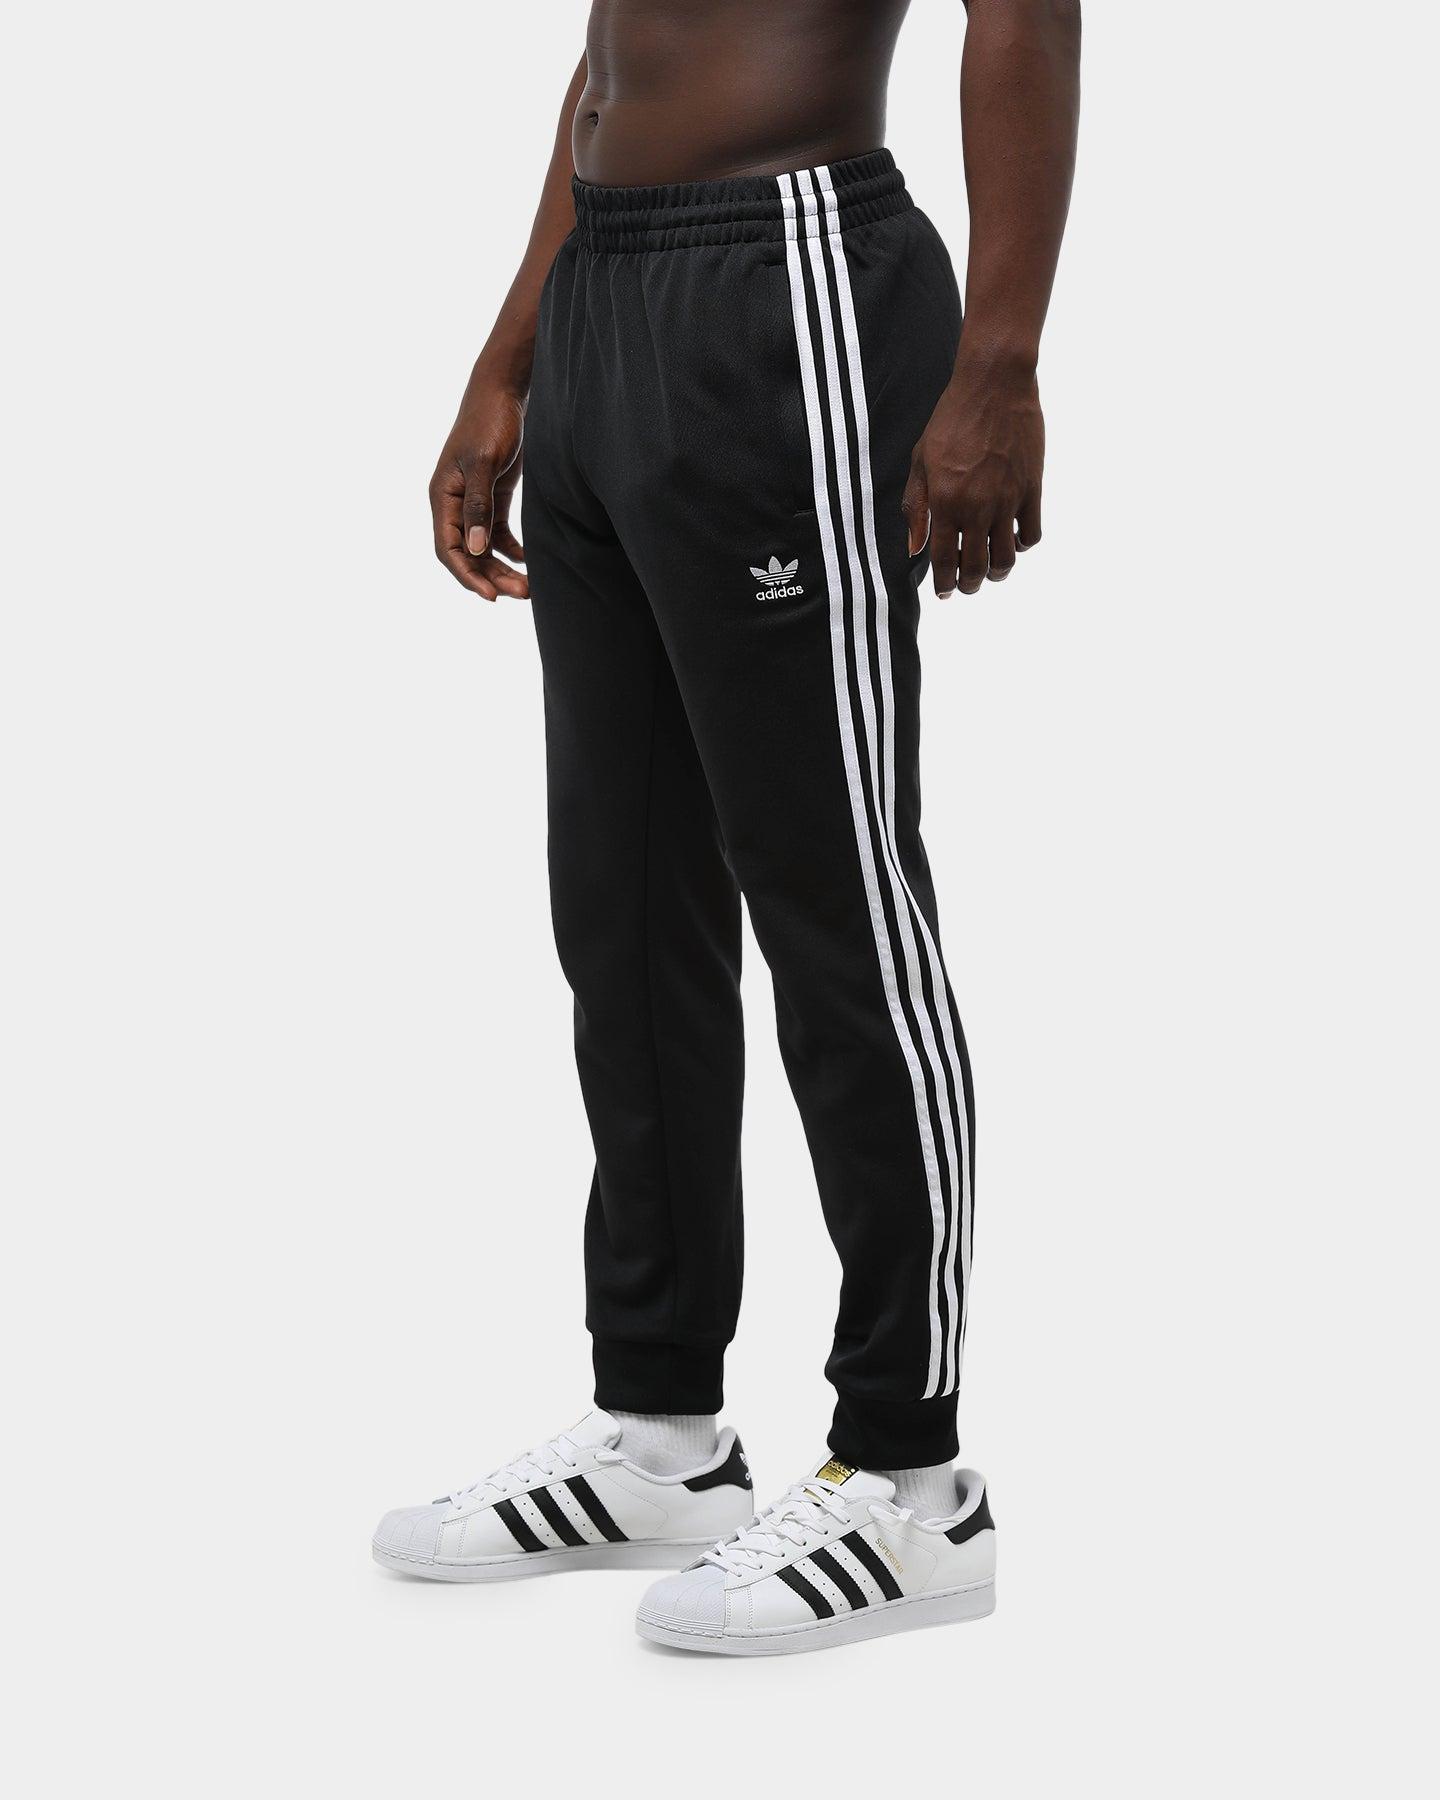 adidas Originals Kaval Track Pants Junior Grey Kids